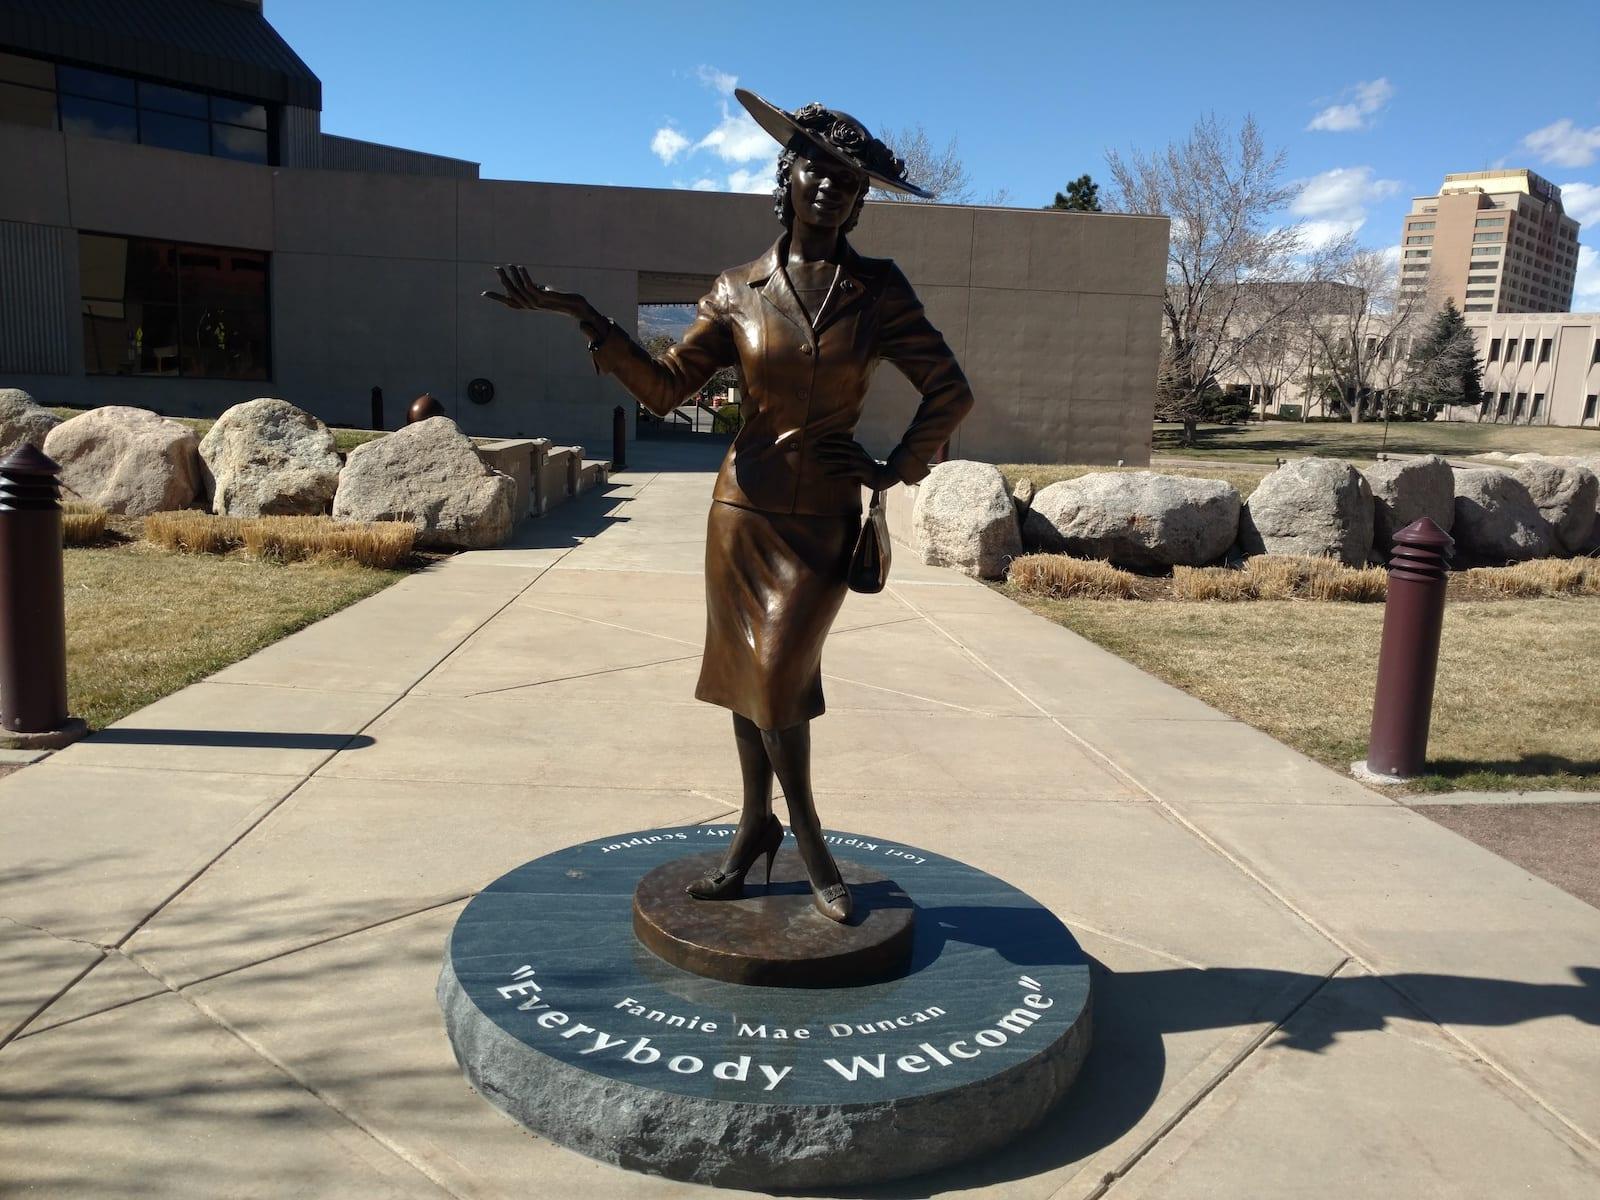 Fannie Mae Statue Colorado Springs